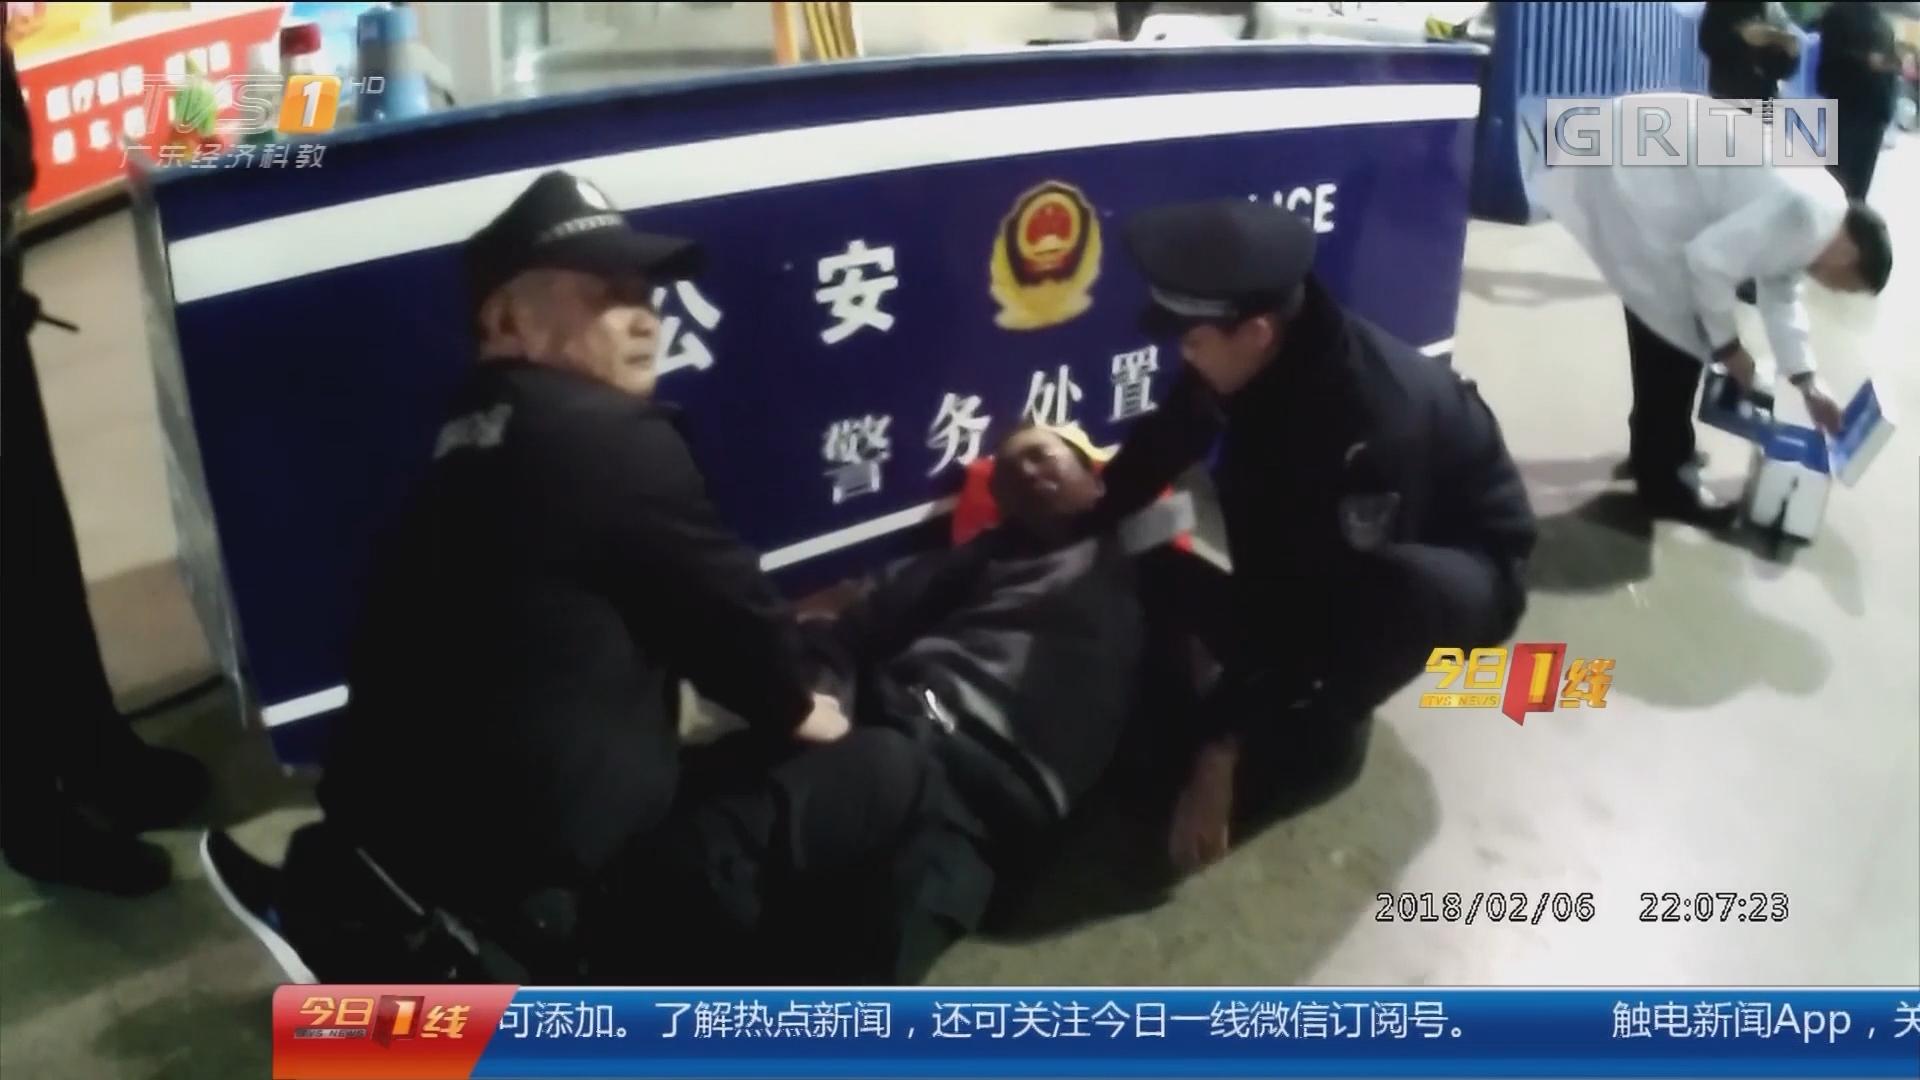 佛山火车站:旅客举止怪异突发病 医生急施救